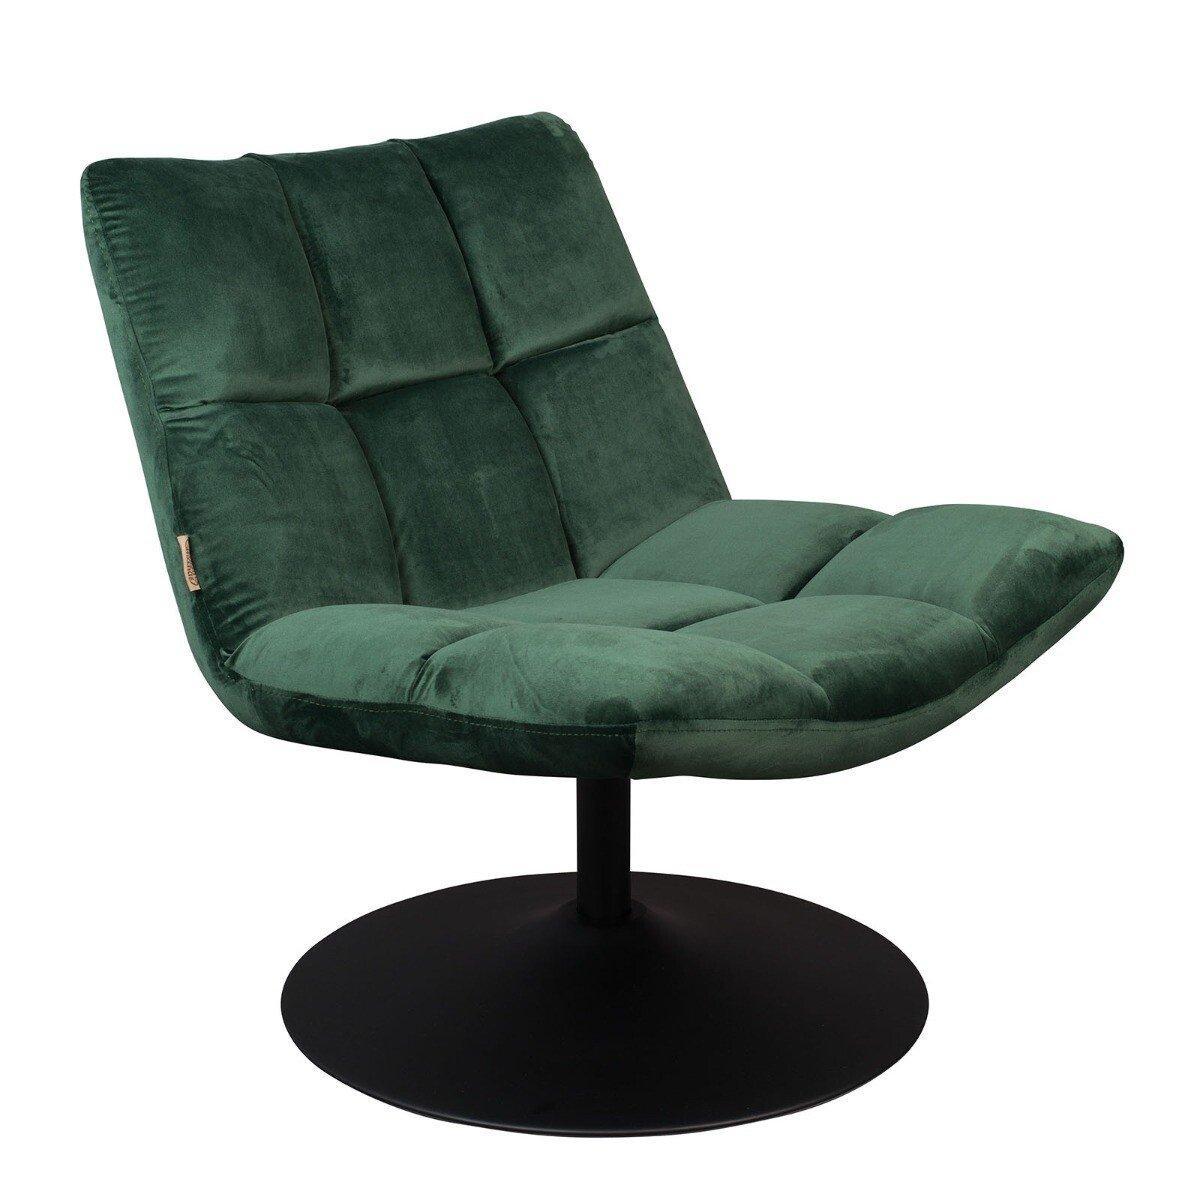 Dutchbone fauteuil Bar velvet groen 78 x 66 x 81